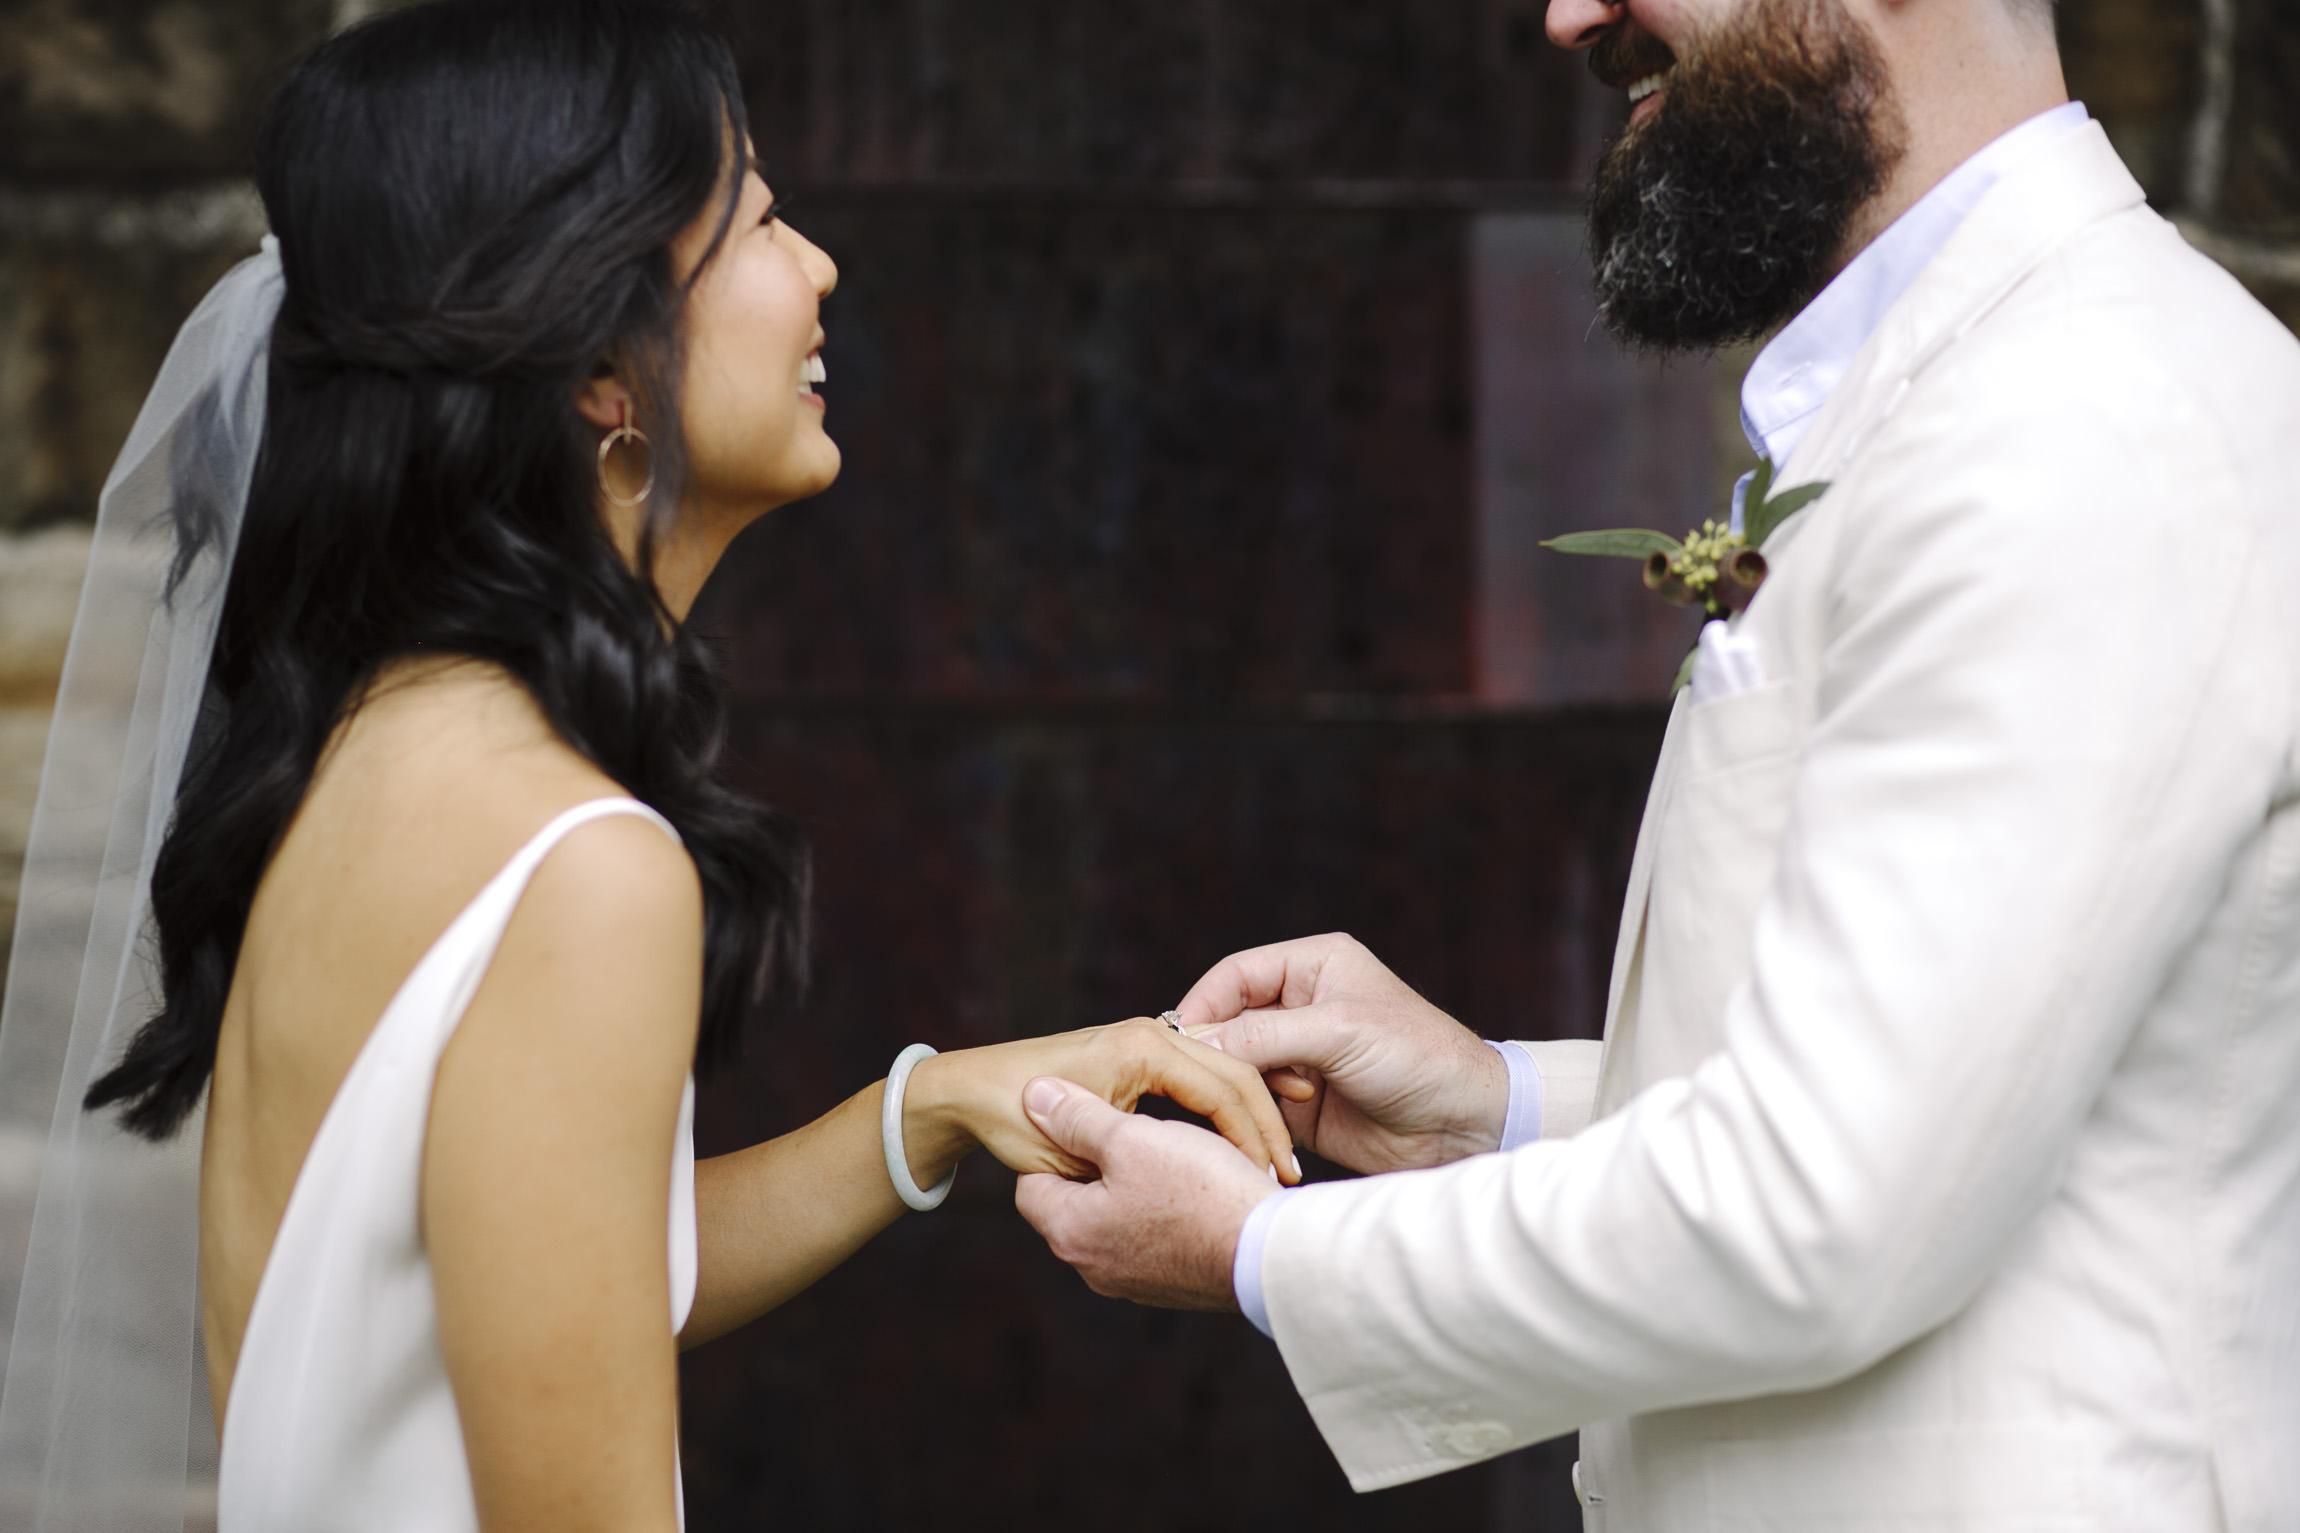 180420_justinaaron_wedding_yang_ben_h-118.jpg